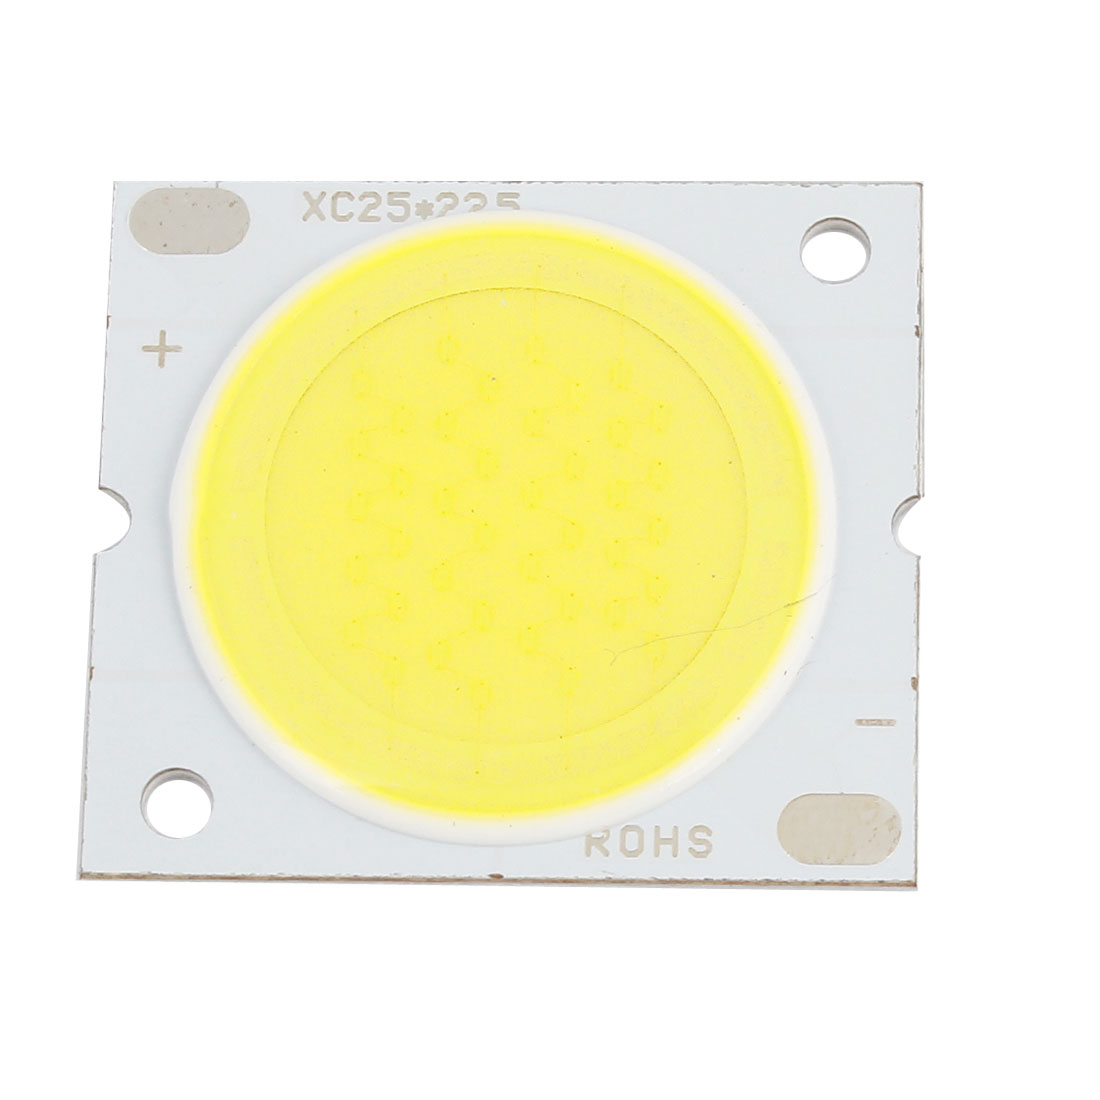 30-32V 20W Pure White Light High Power SMD COB LED Lamp Chip Bulb Emitter